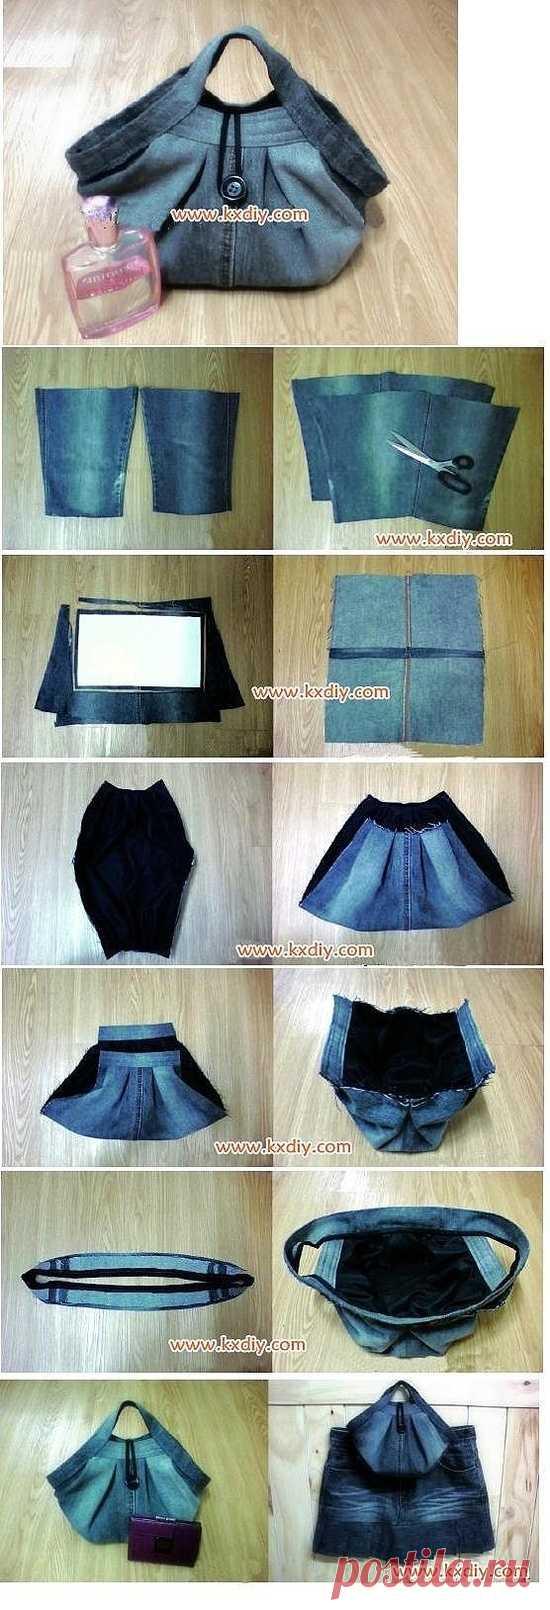 Сумка из джинсов (Diy) / Переделка джинсов / Модный сайт о стильной переделке одежды и интерьера